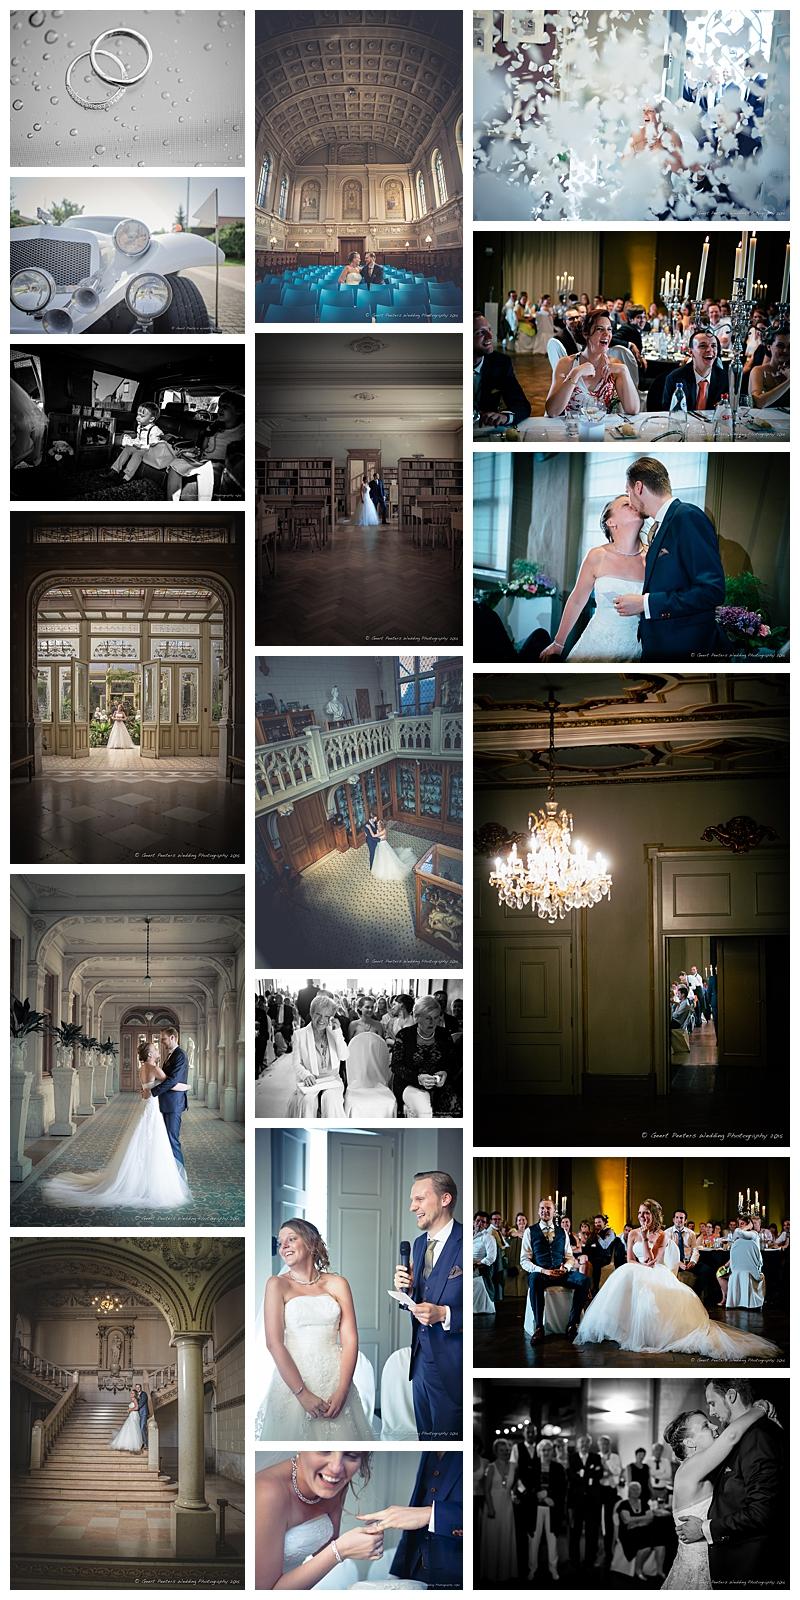 huwelijksfotograaf-Caroline-Pieter-Mechelen-Salons Van Dijck-Mena-Rotselaar-1.jpg